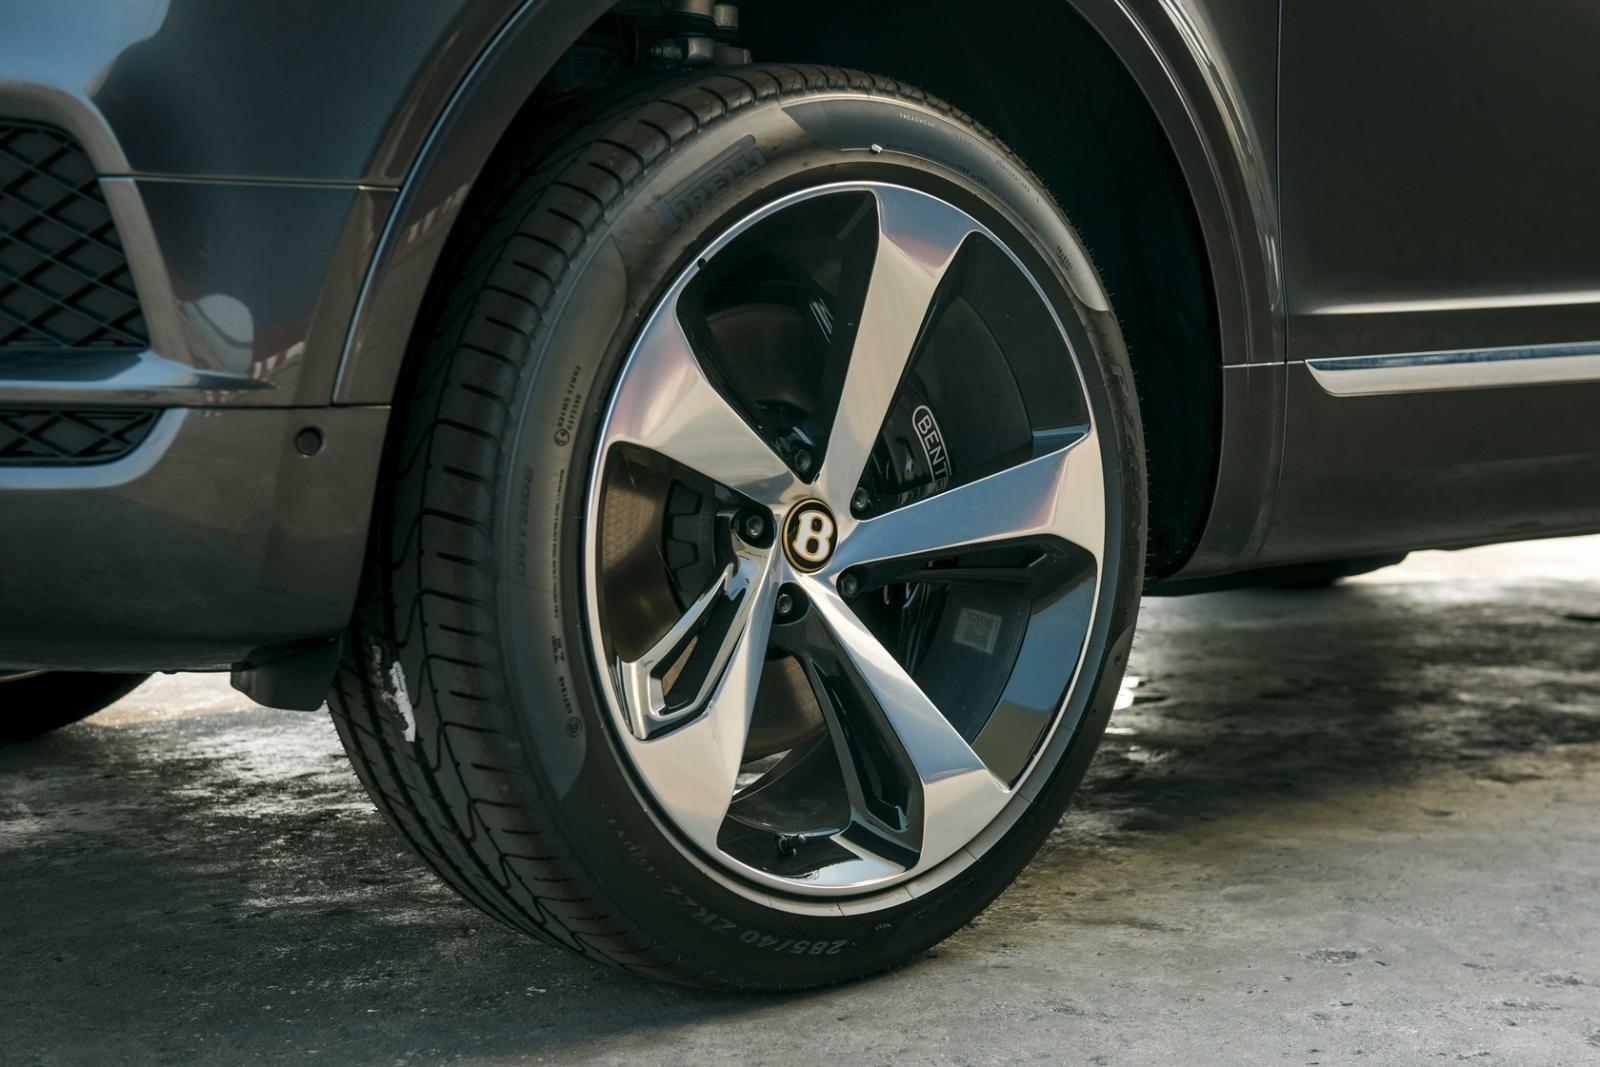 Đây là màu sắc được hãng Bentley thiết kế riêng cho những mẫu xe được đặt hàng và sản xuất từ tháng 10/2018 đến hết 10/2019 để kỷ niệm cột mốc đáng nhớ sinh nhật thứ 100 của Bentley